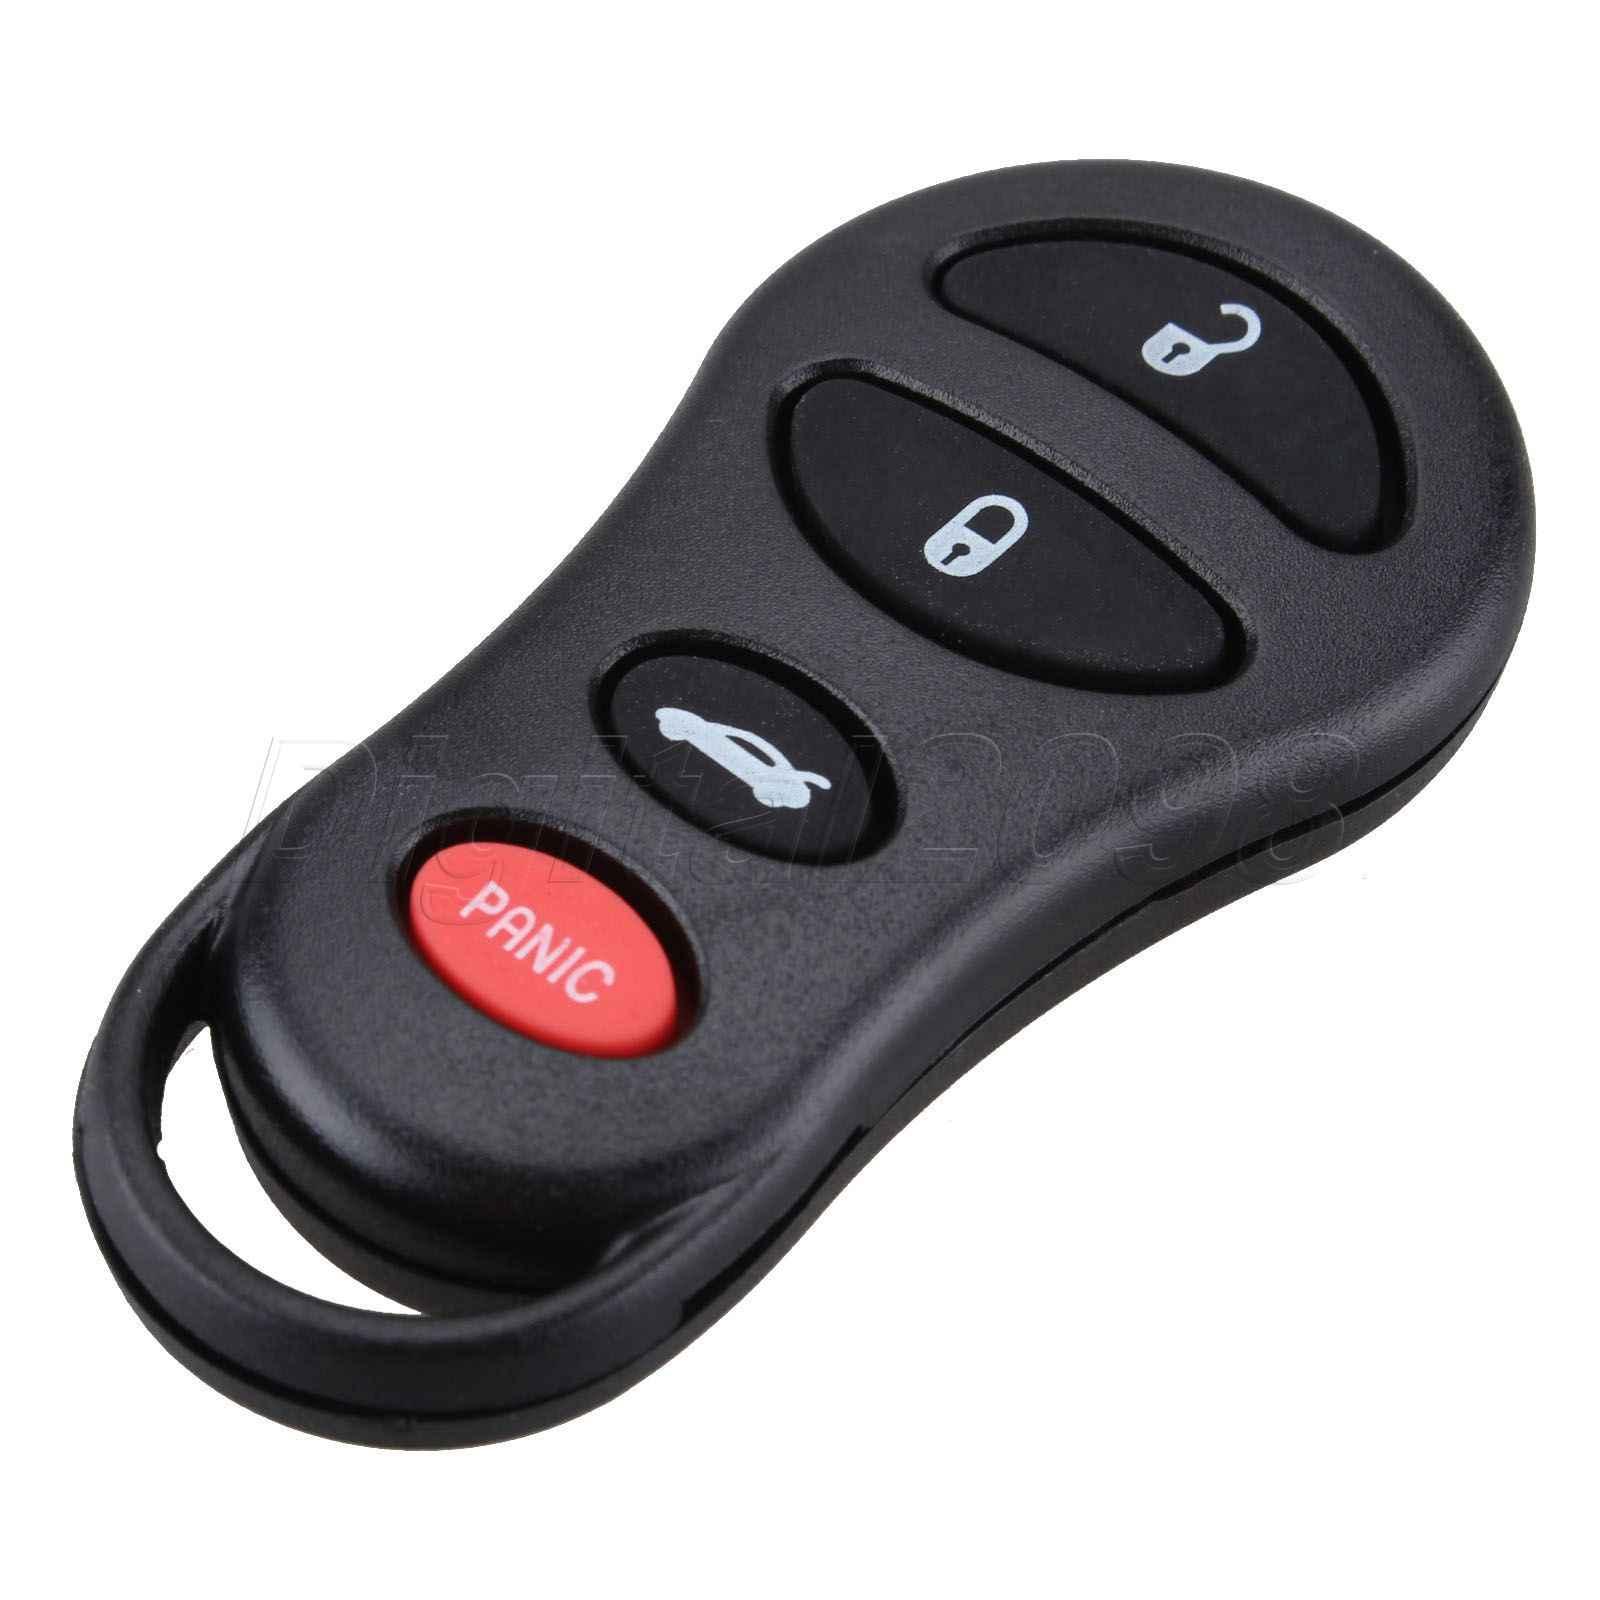 4 кнопки дистанционного ключа автомобиля оболочки чехол Fob ЗАМЕНА для Chrysler Sebring 300 м Concorde Jeep Liberty Dodge Neon Intrepid Stratus